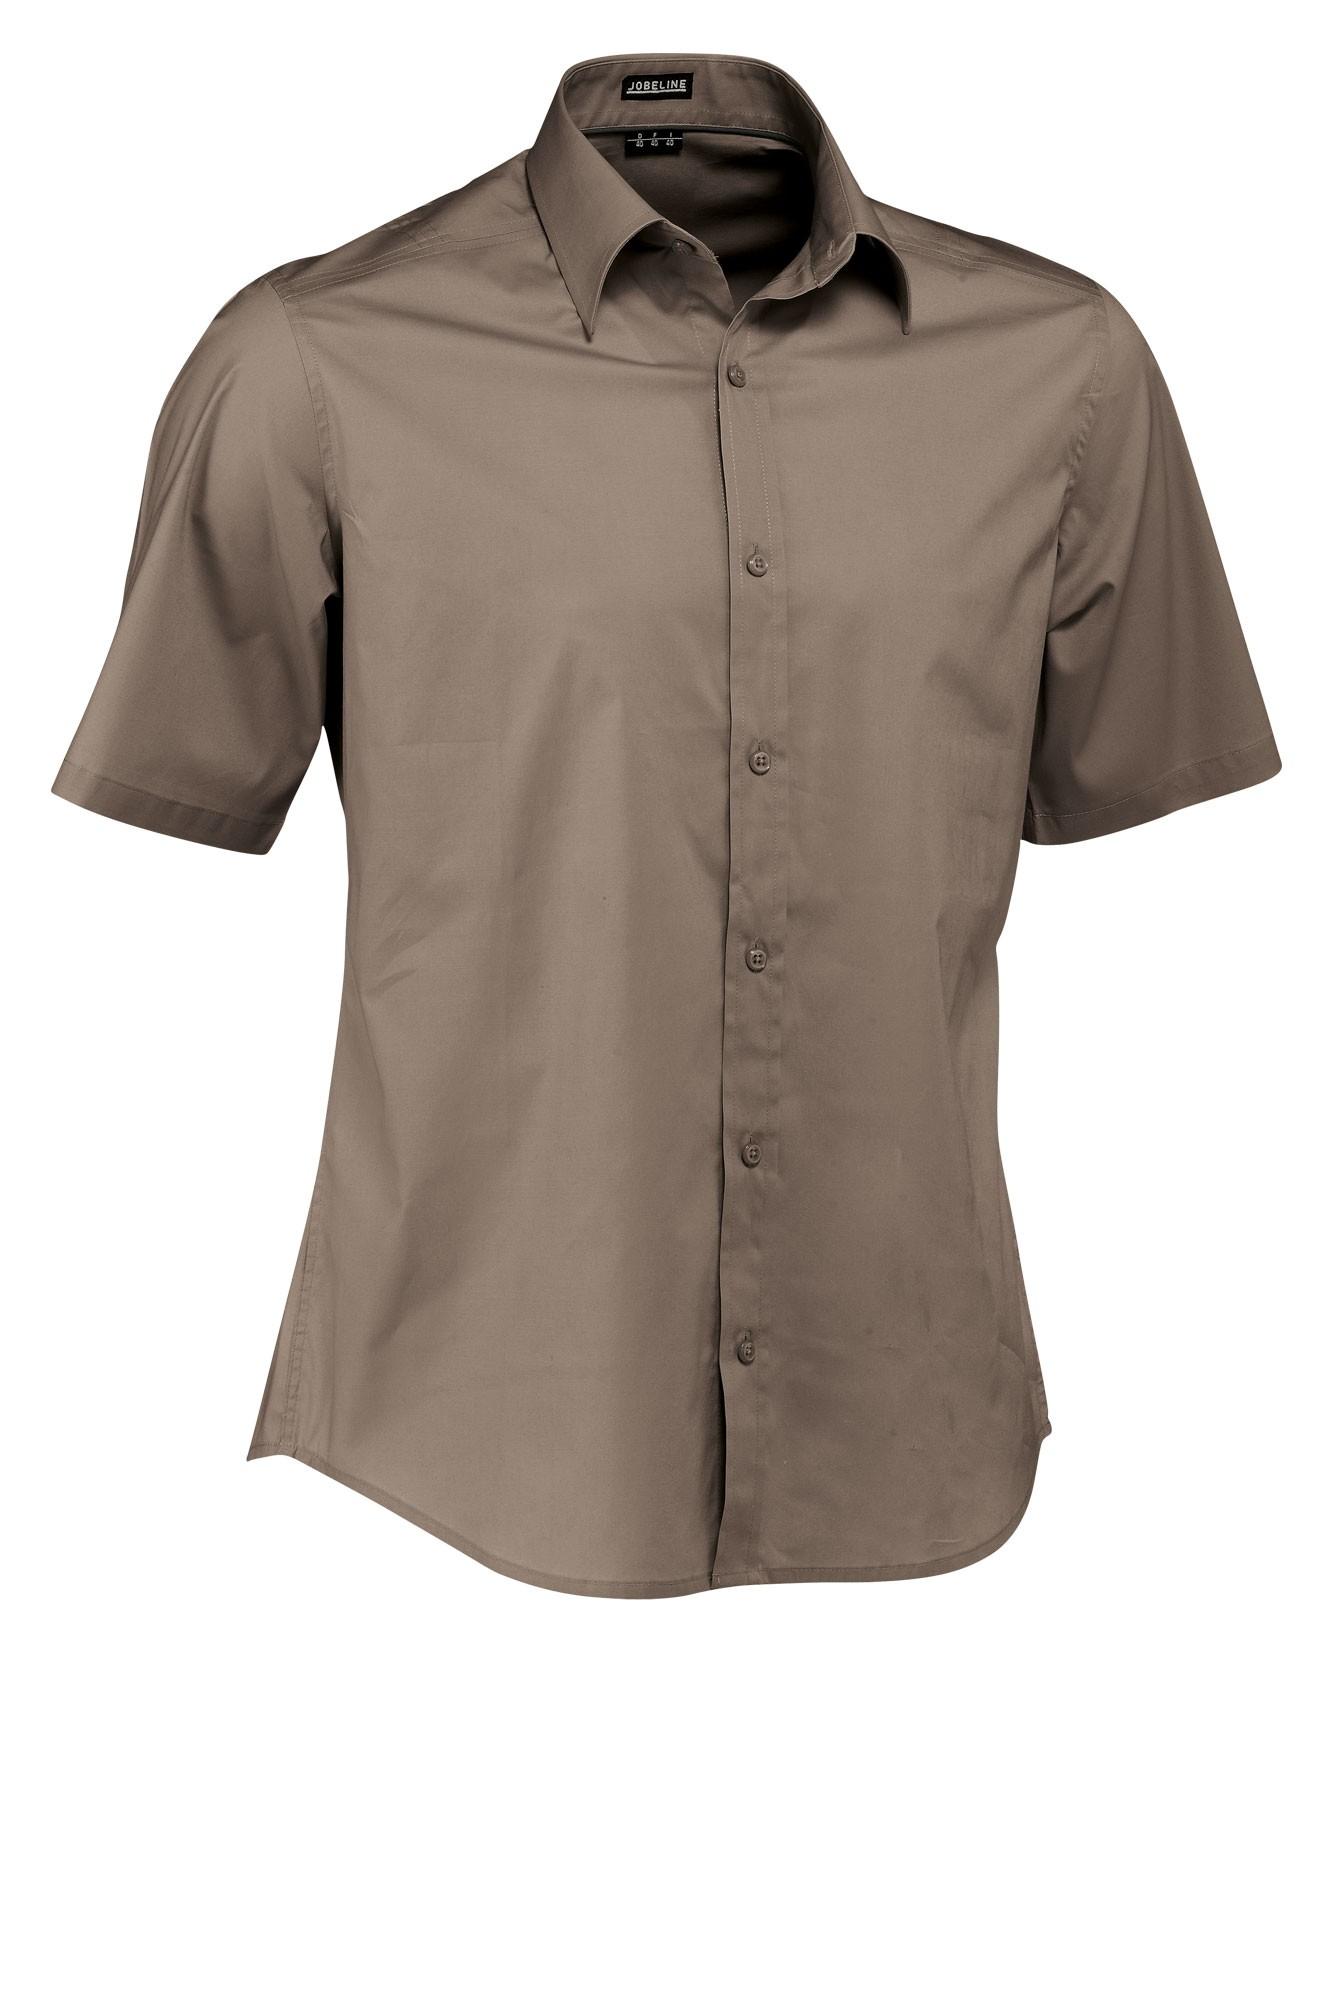 Pánská košile Bruce - šedohnědá/krátký rukáv